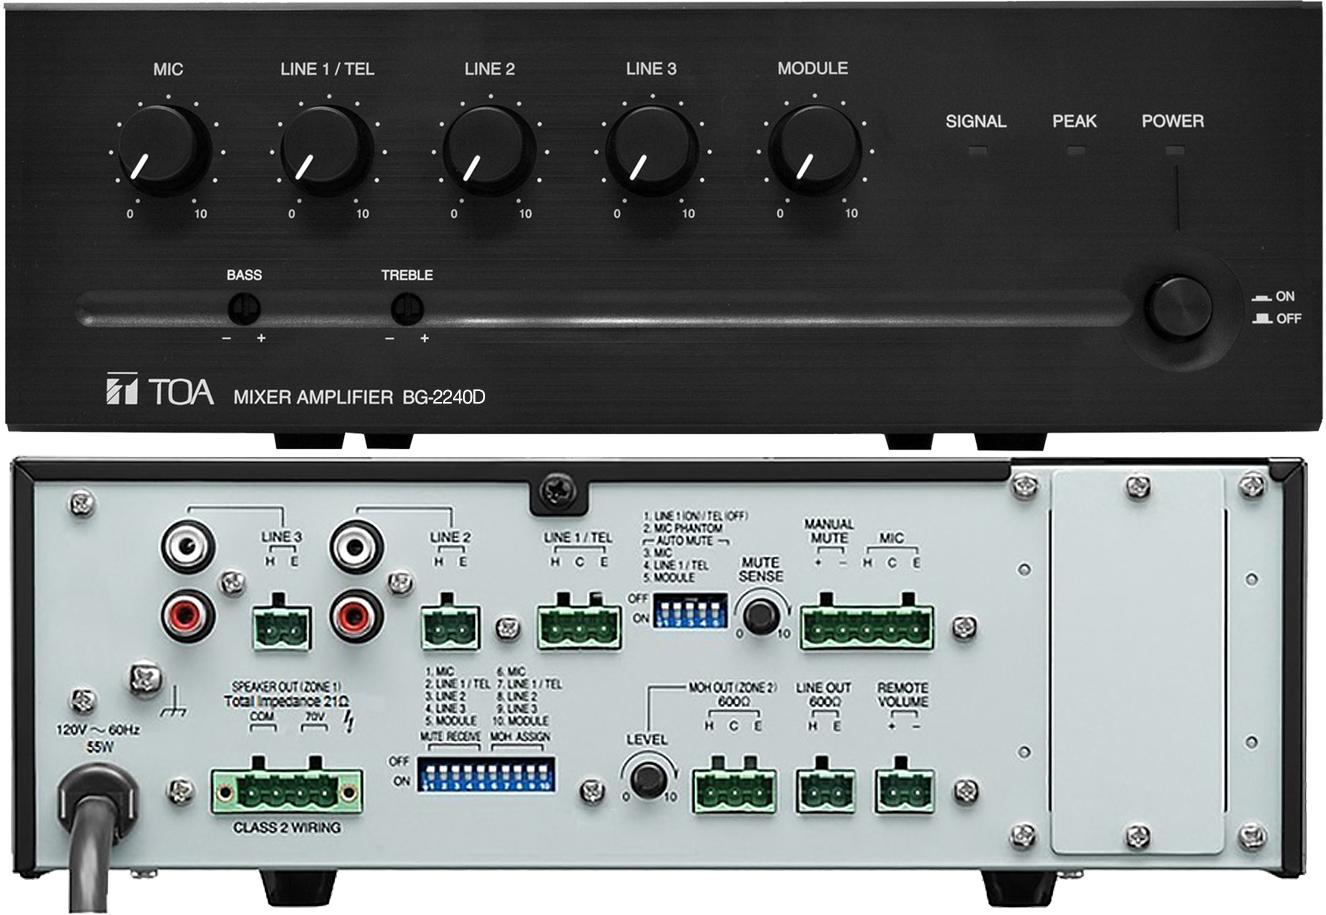 BG-2240D-AM Mixer Amplifier on